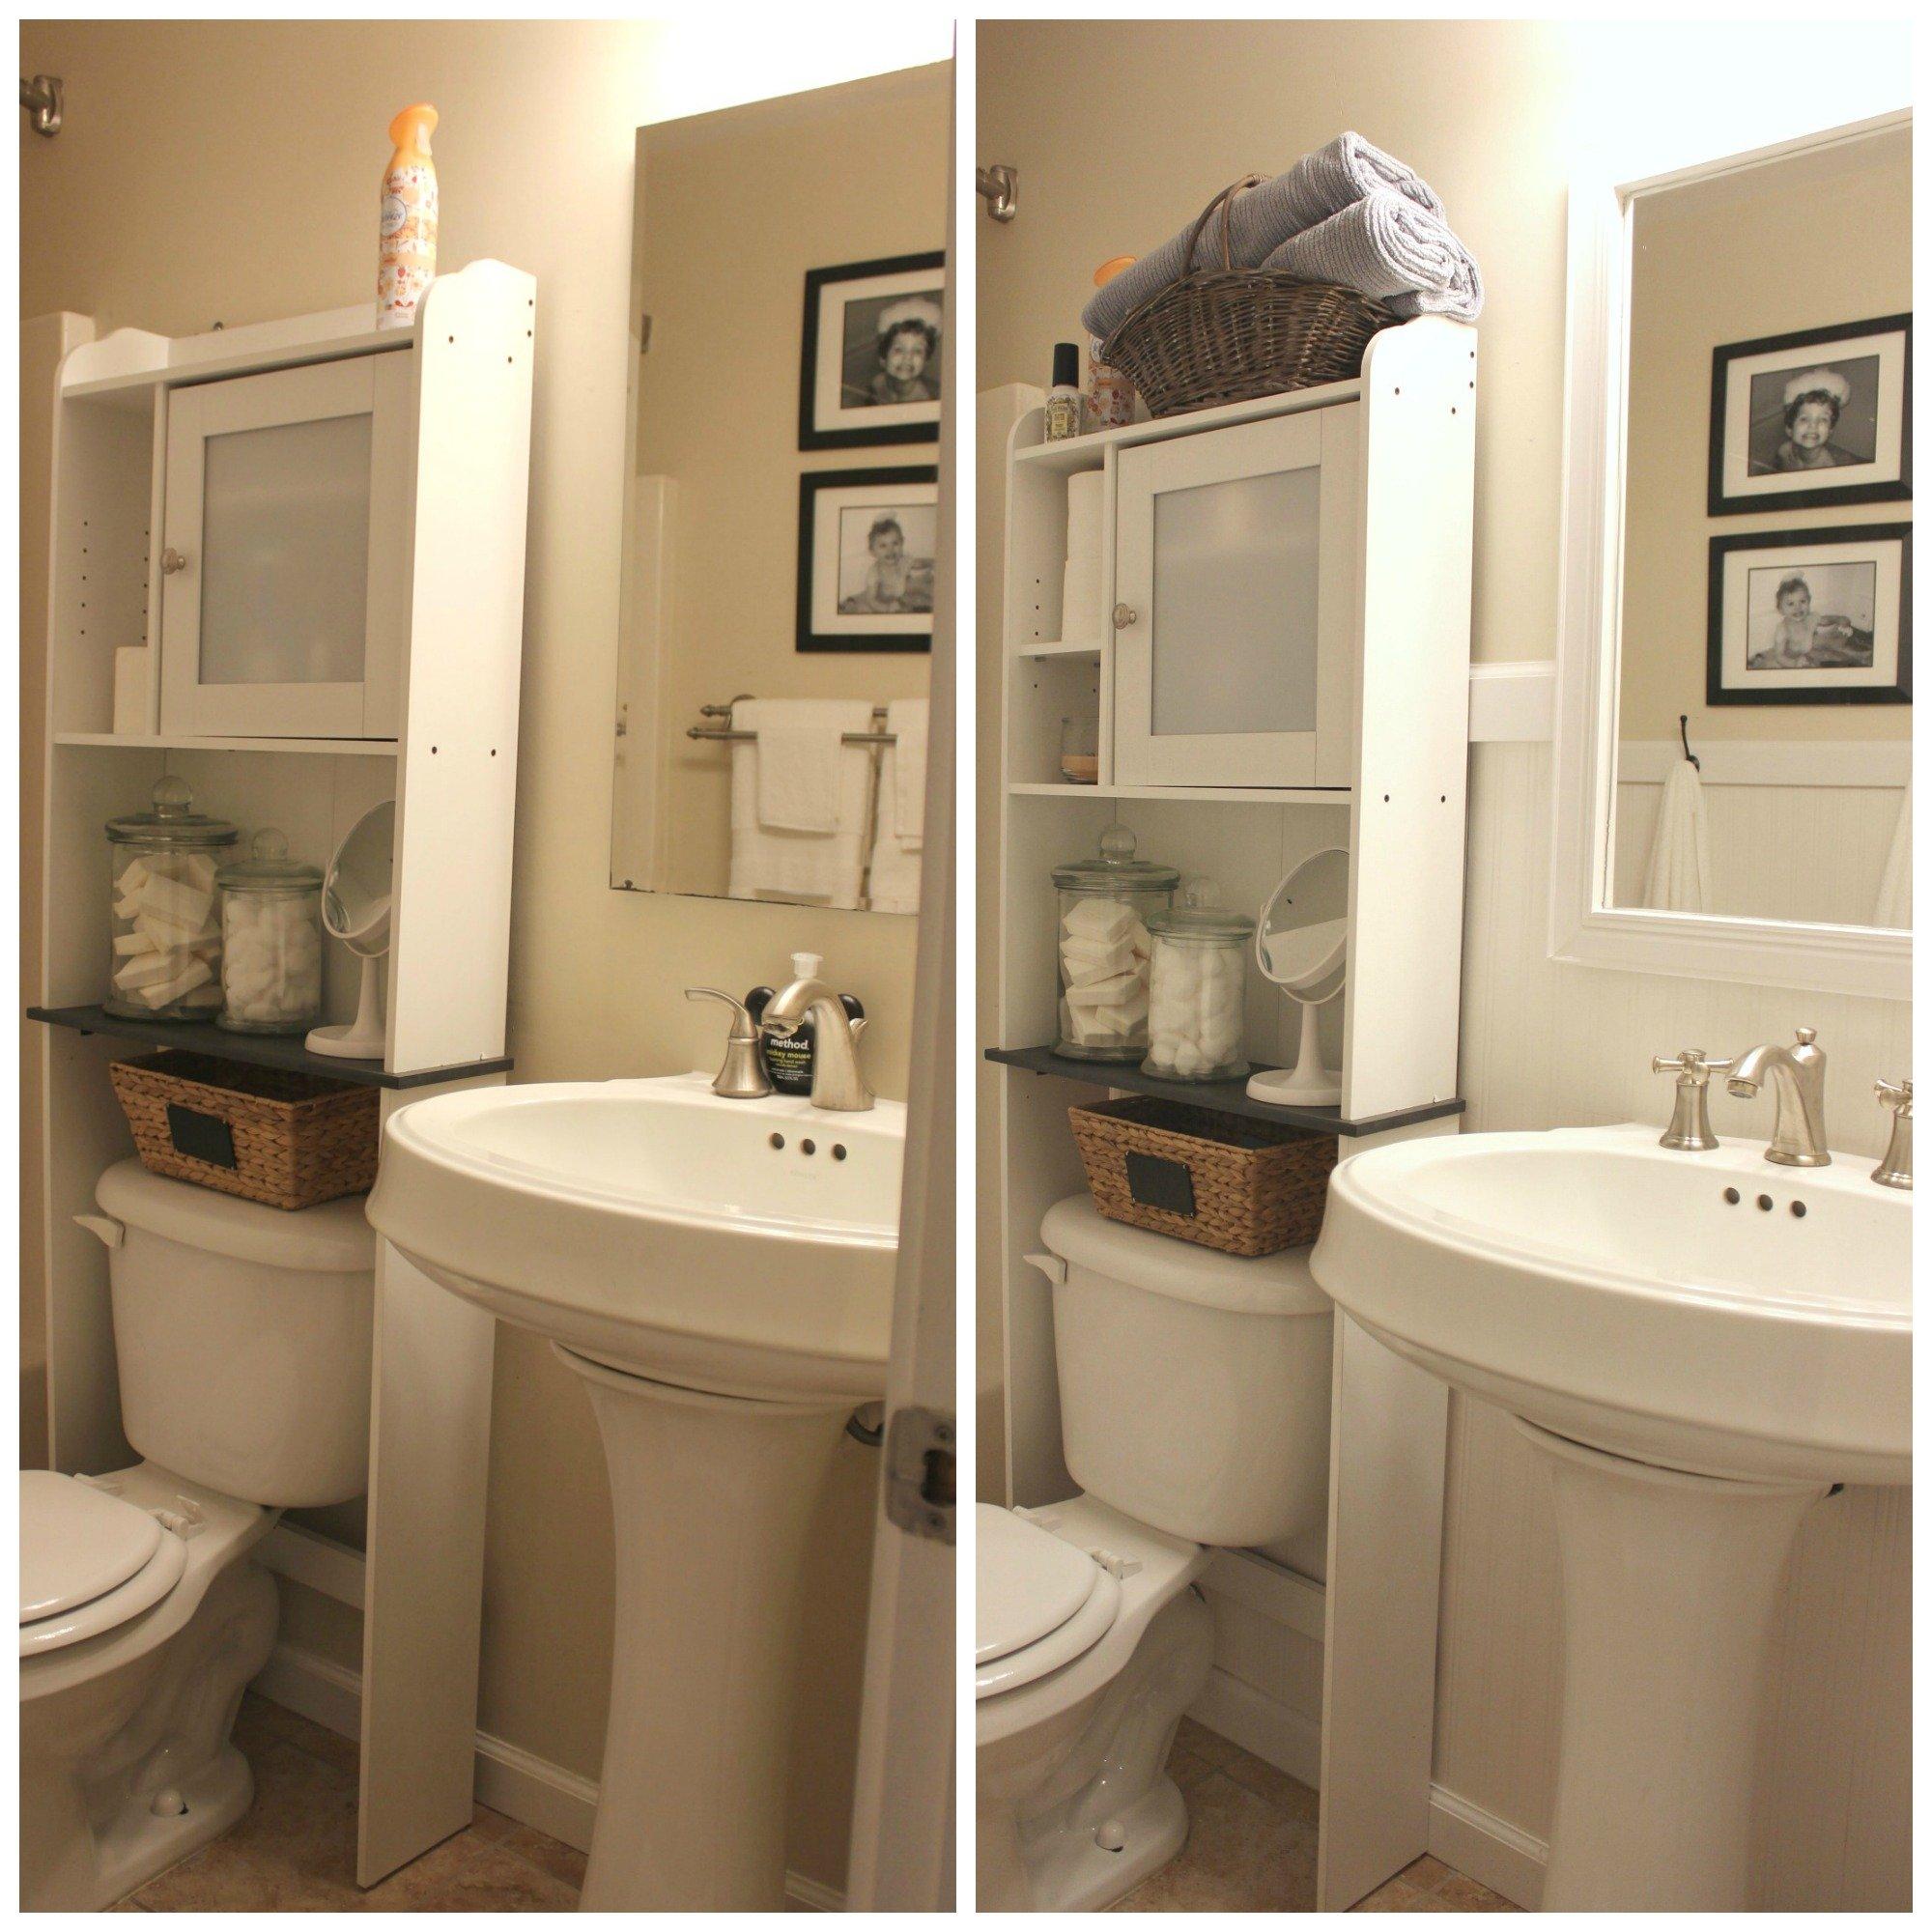 Farmhouse Bathroom Facelift In The New House - Bathroom facelift